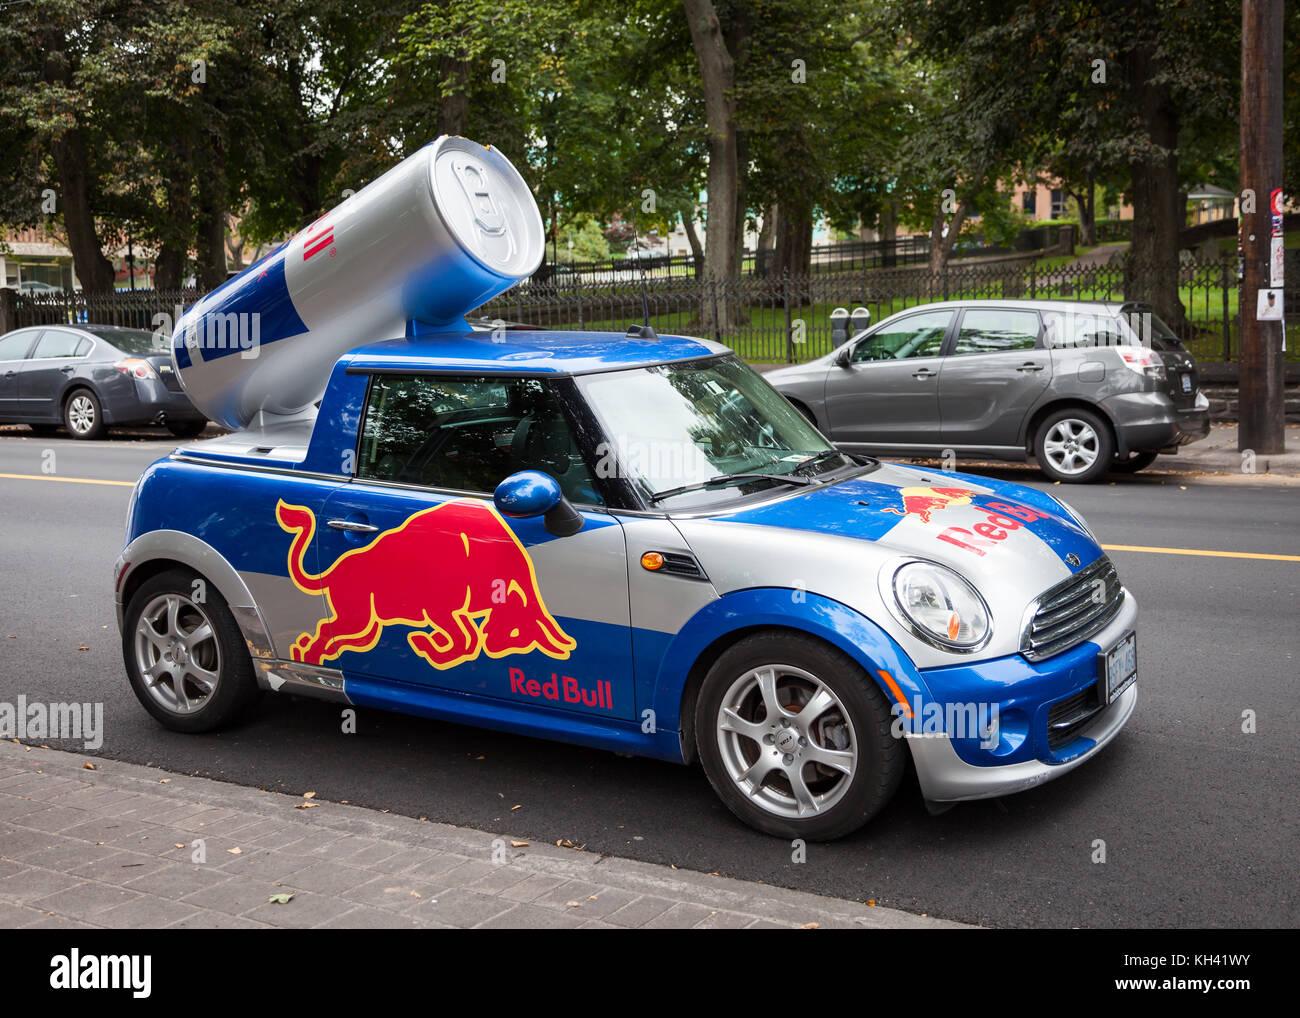 Mini Kühlschrank Red Bull Design : Red bull energy drink stockfotos red bull energy drink bilder